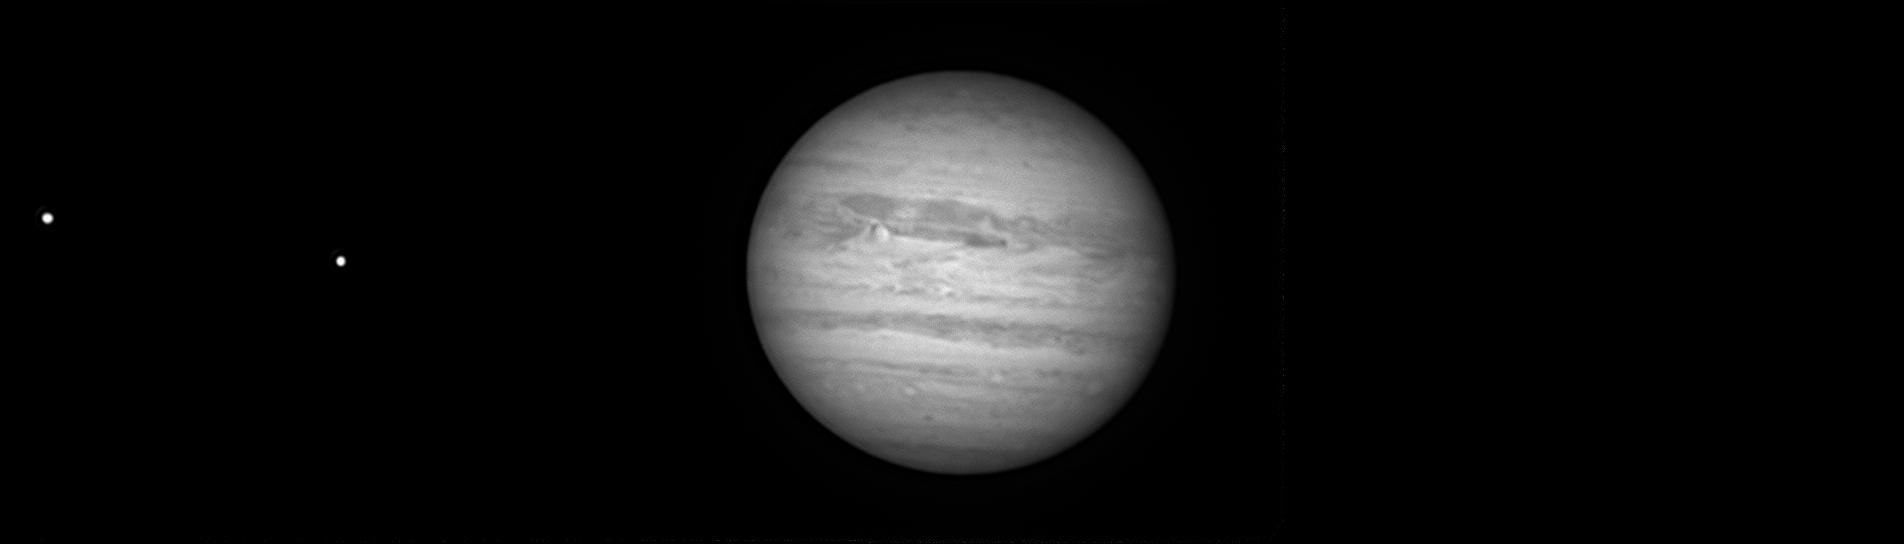 2020-06-10-0232_8-R-Jupiter_ZWO ASI290MM Mini_lapl5_ap496.png